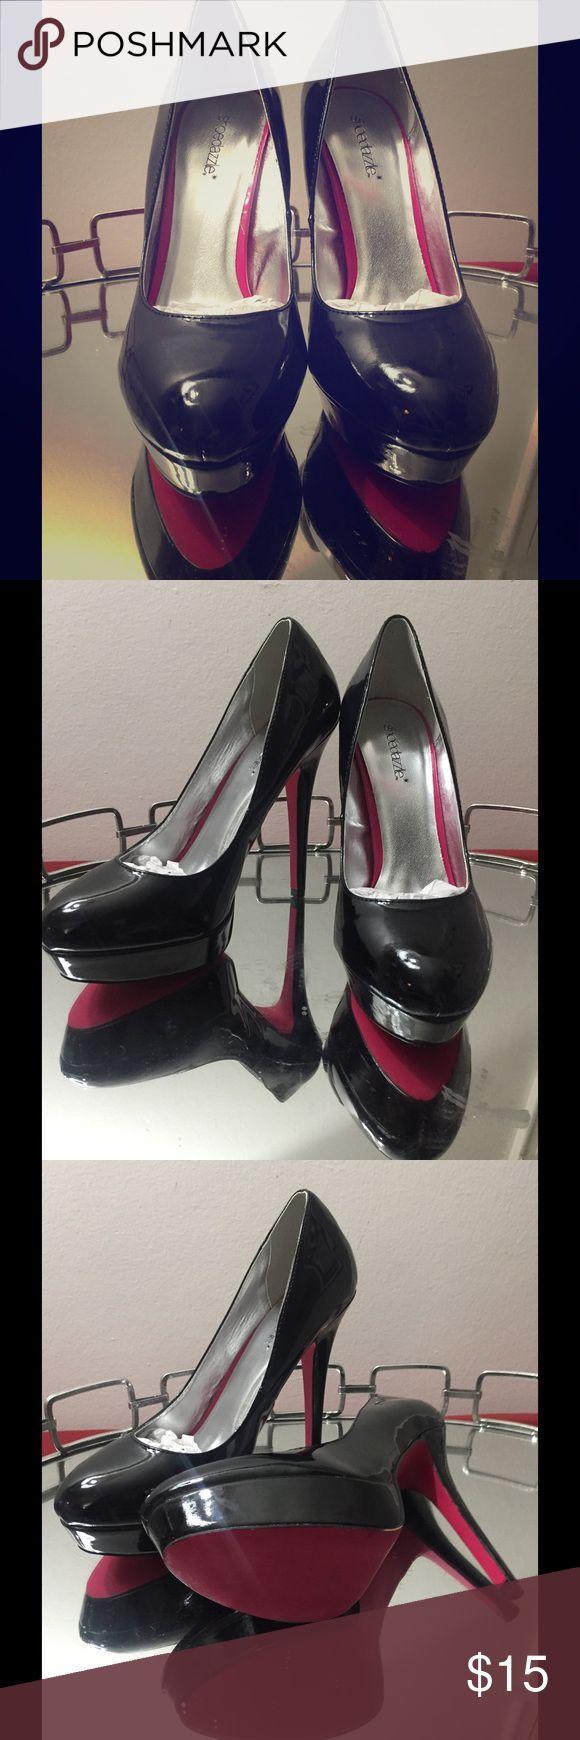 New Never Worn Shoe Dazzle Black Patent Leather New Never Worn Black Patent Leather Pump with cute pink bottoms. Shoe Dazzle Shoes Heels